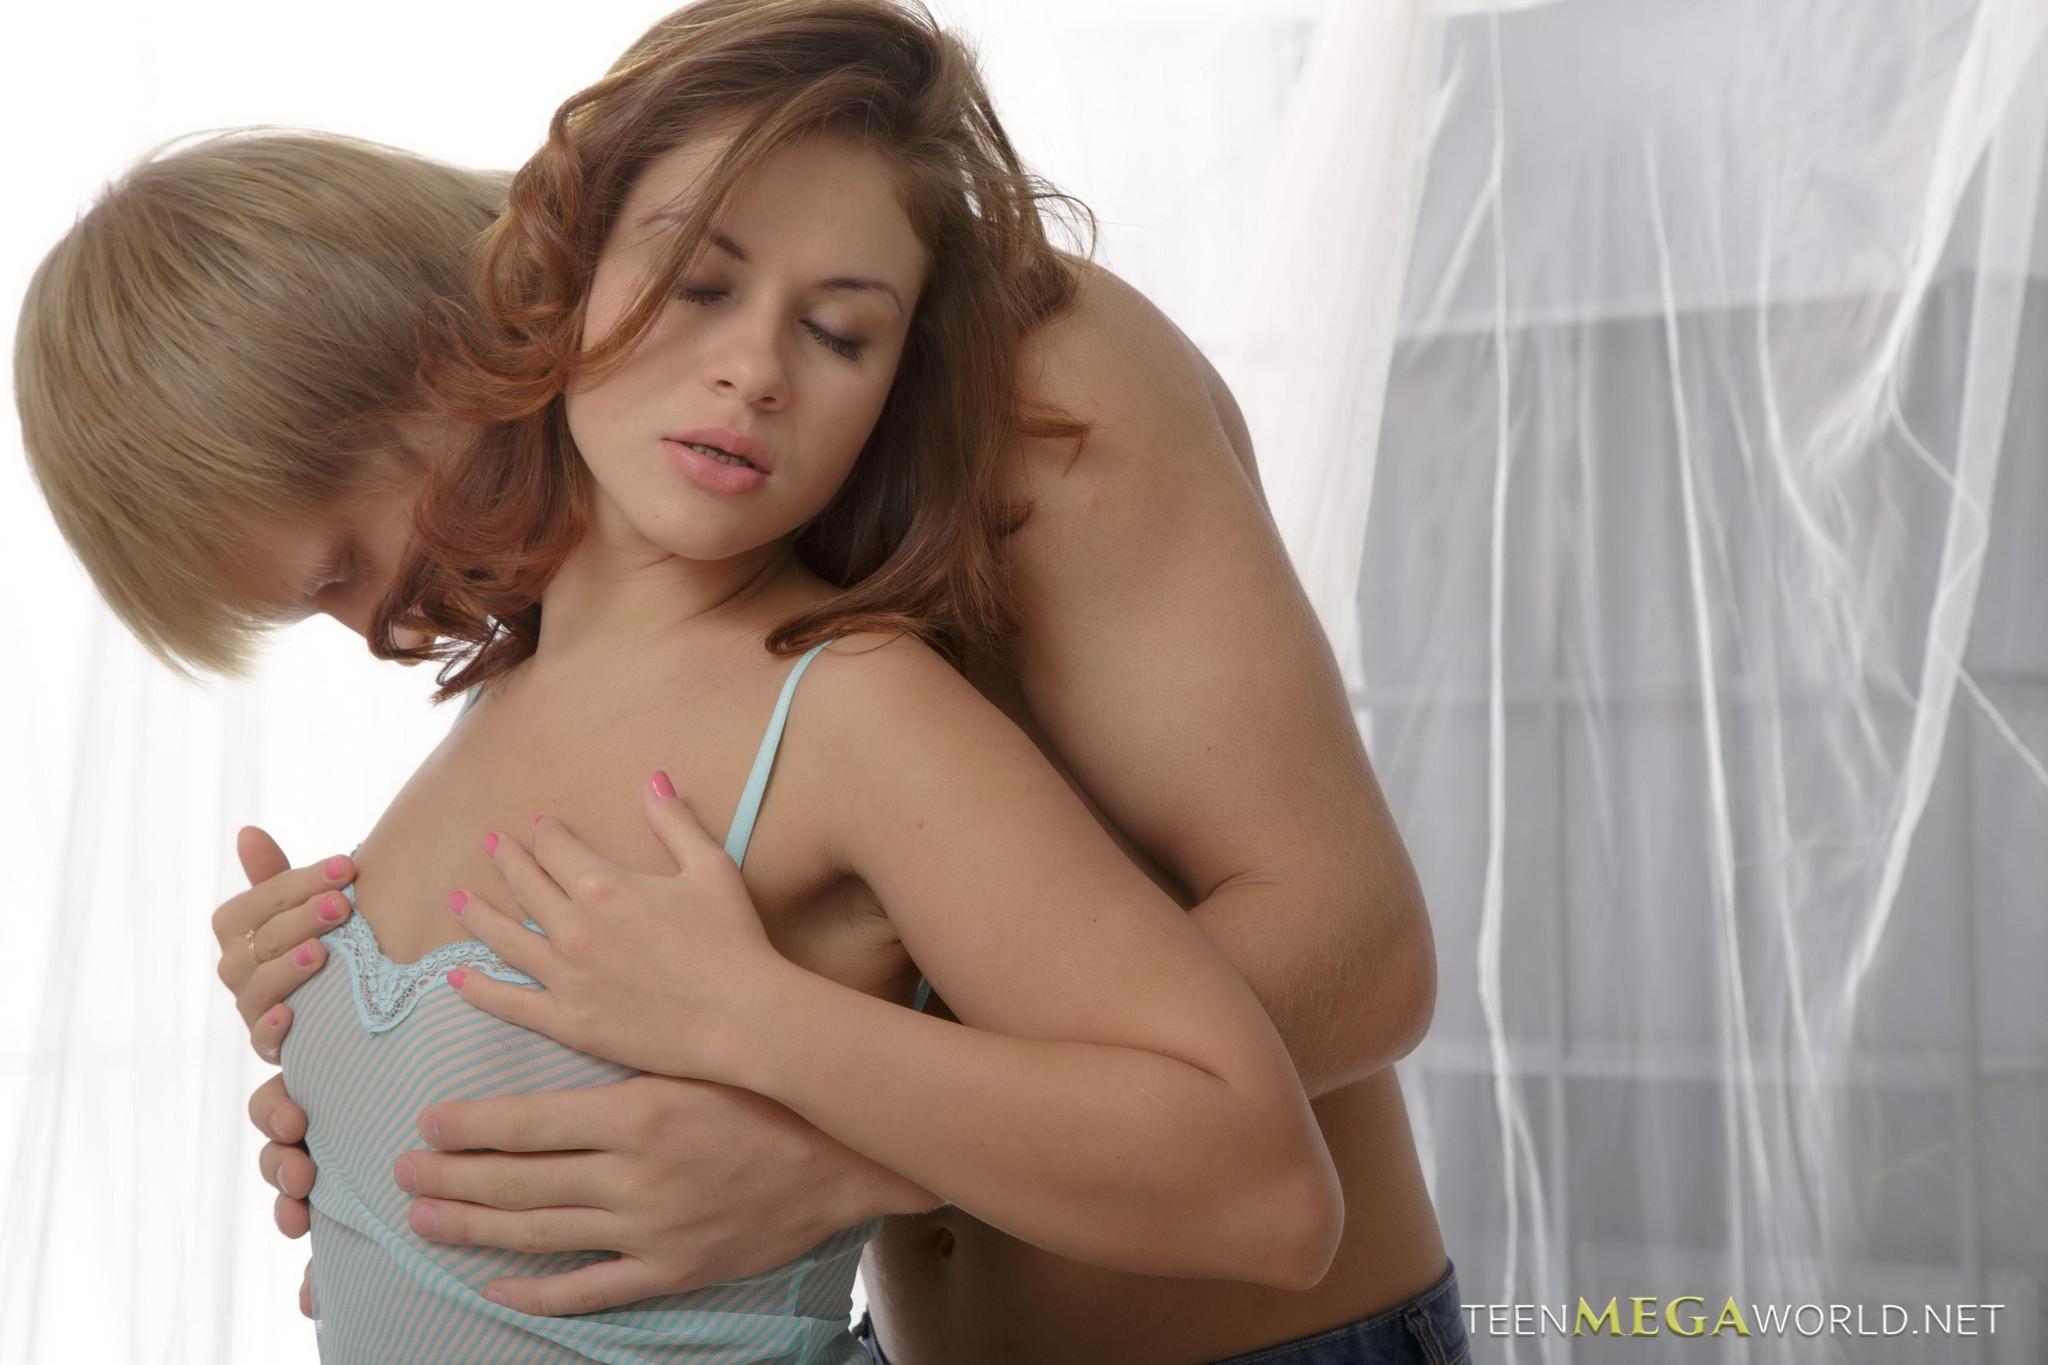 Анальный секс - Порно галерея № 3550251